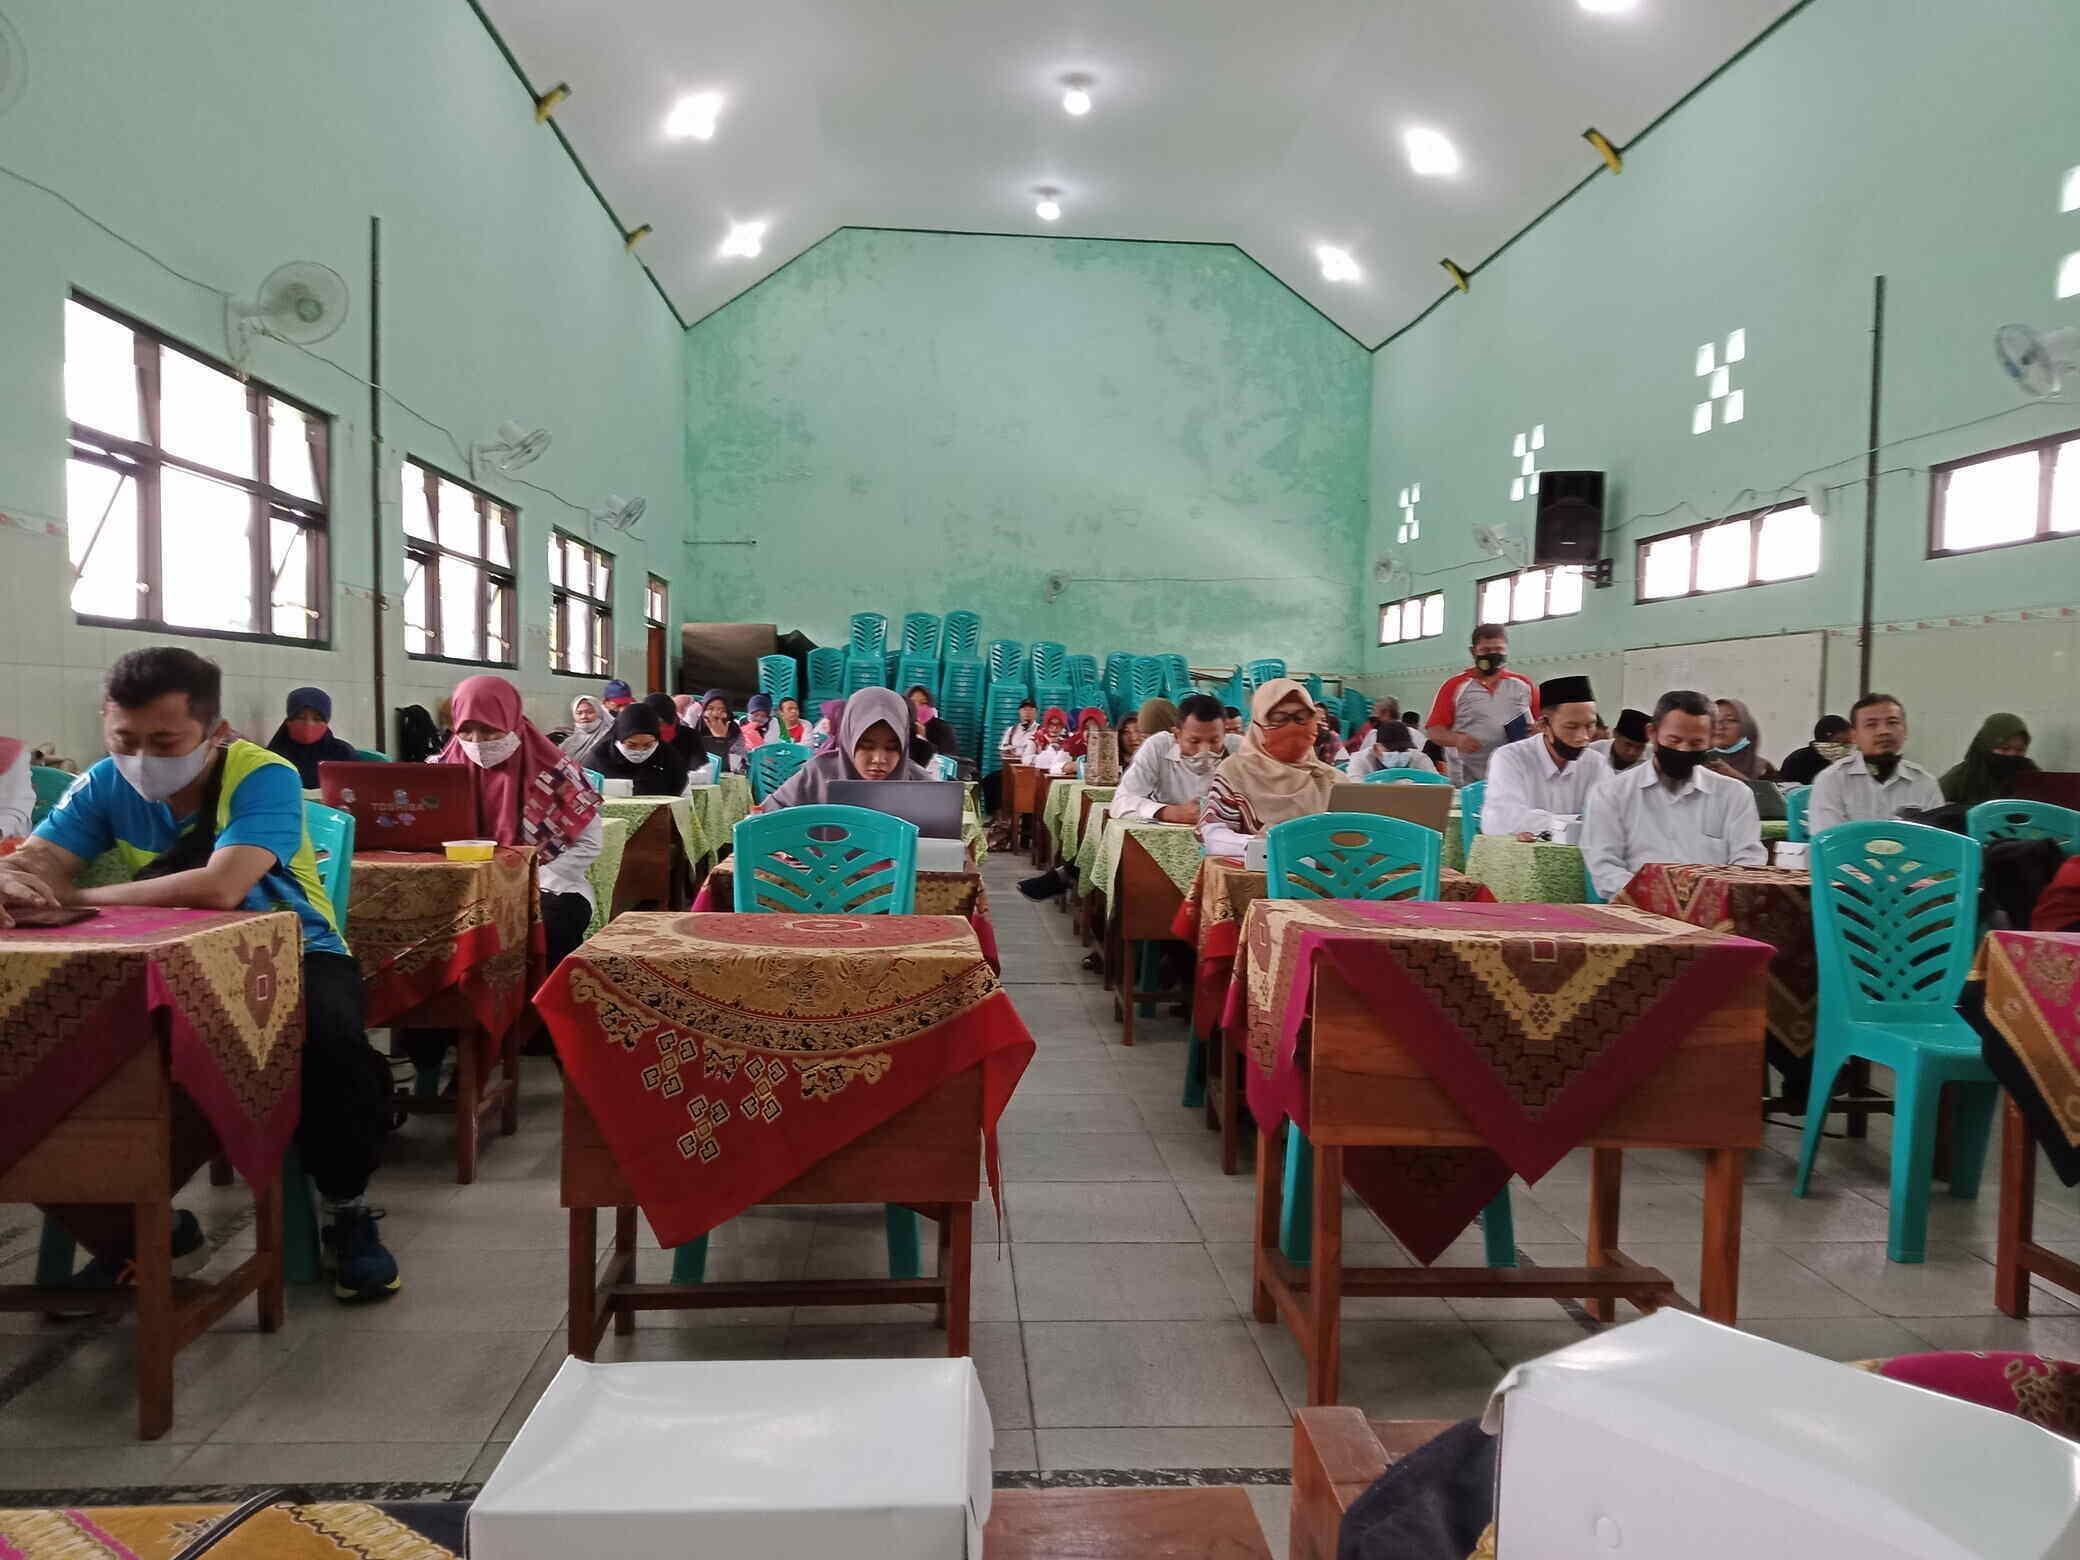 Menuju Sekolah Adiwiyata Mandiri, MIN 1 Kota Madiun Melakukan Pembinaan ke Sekolah Binaannya di Kota Madiun